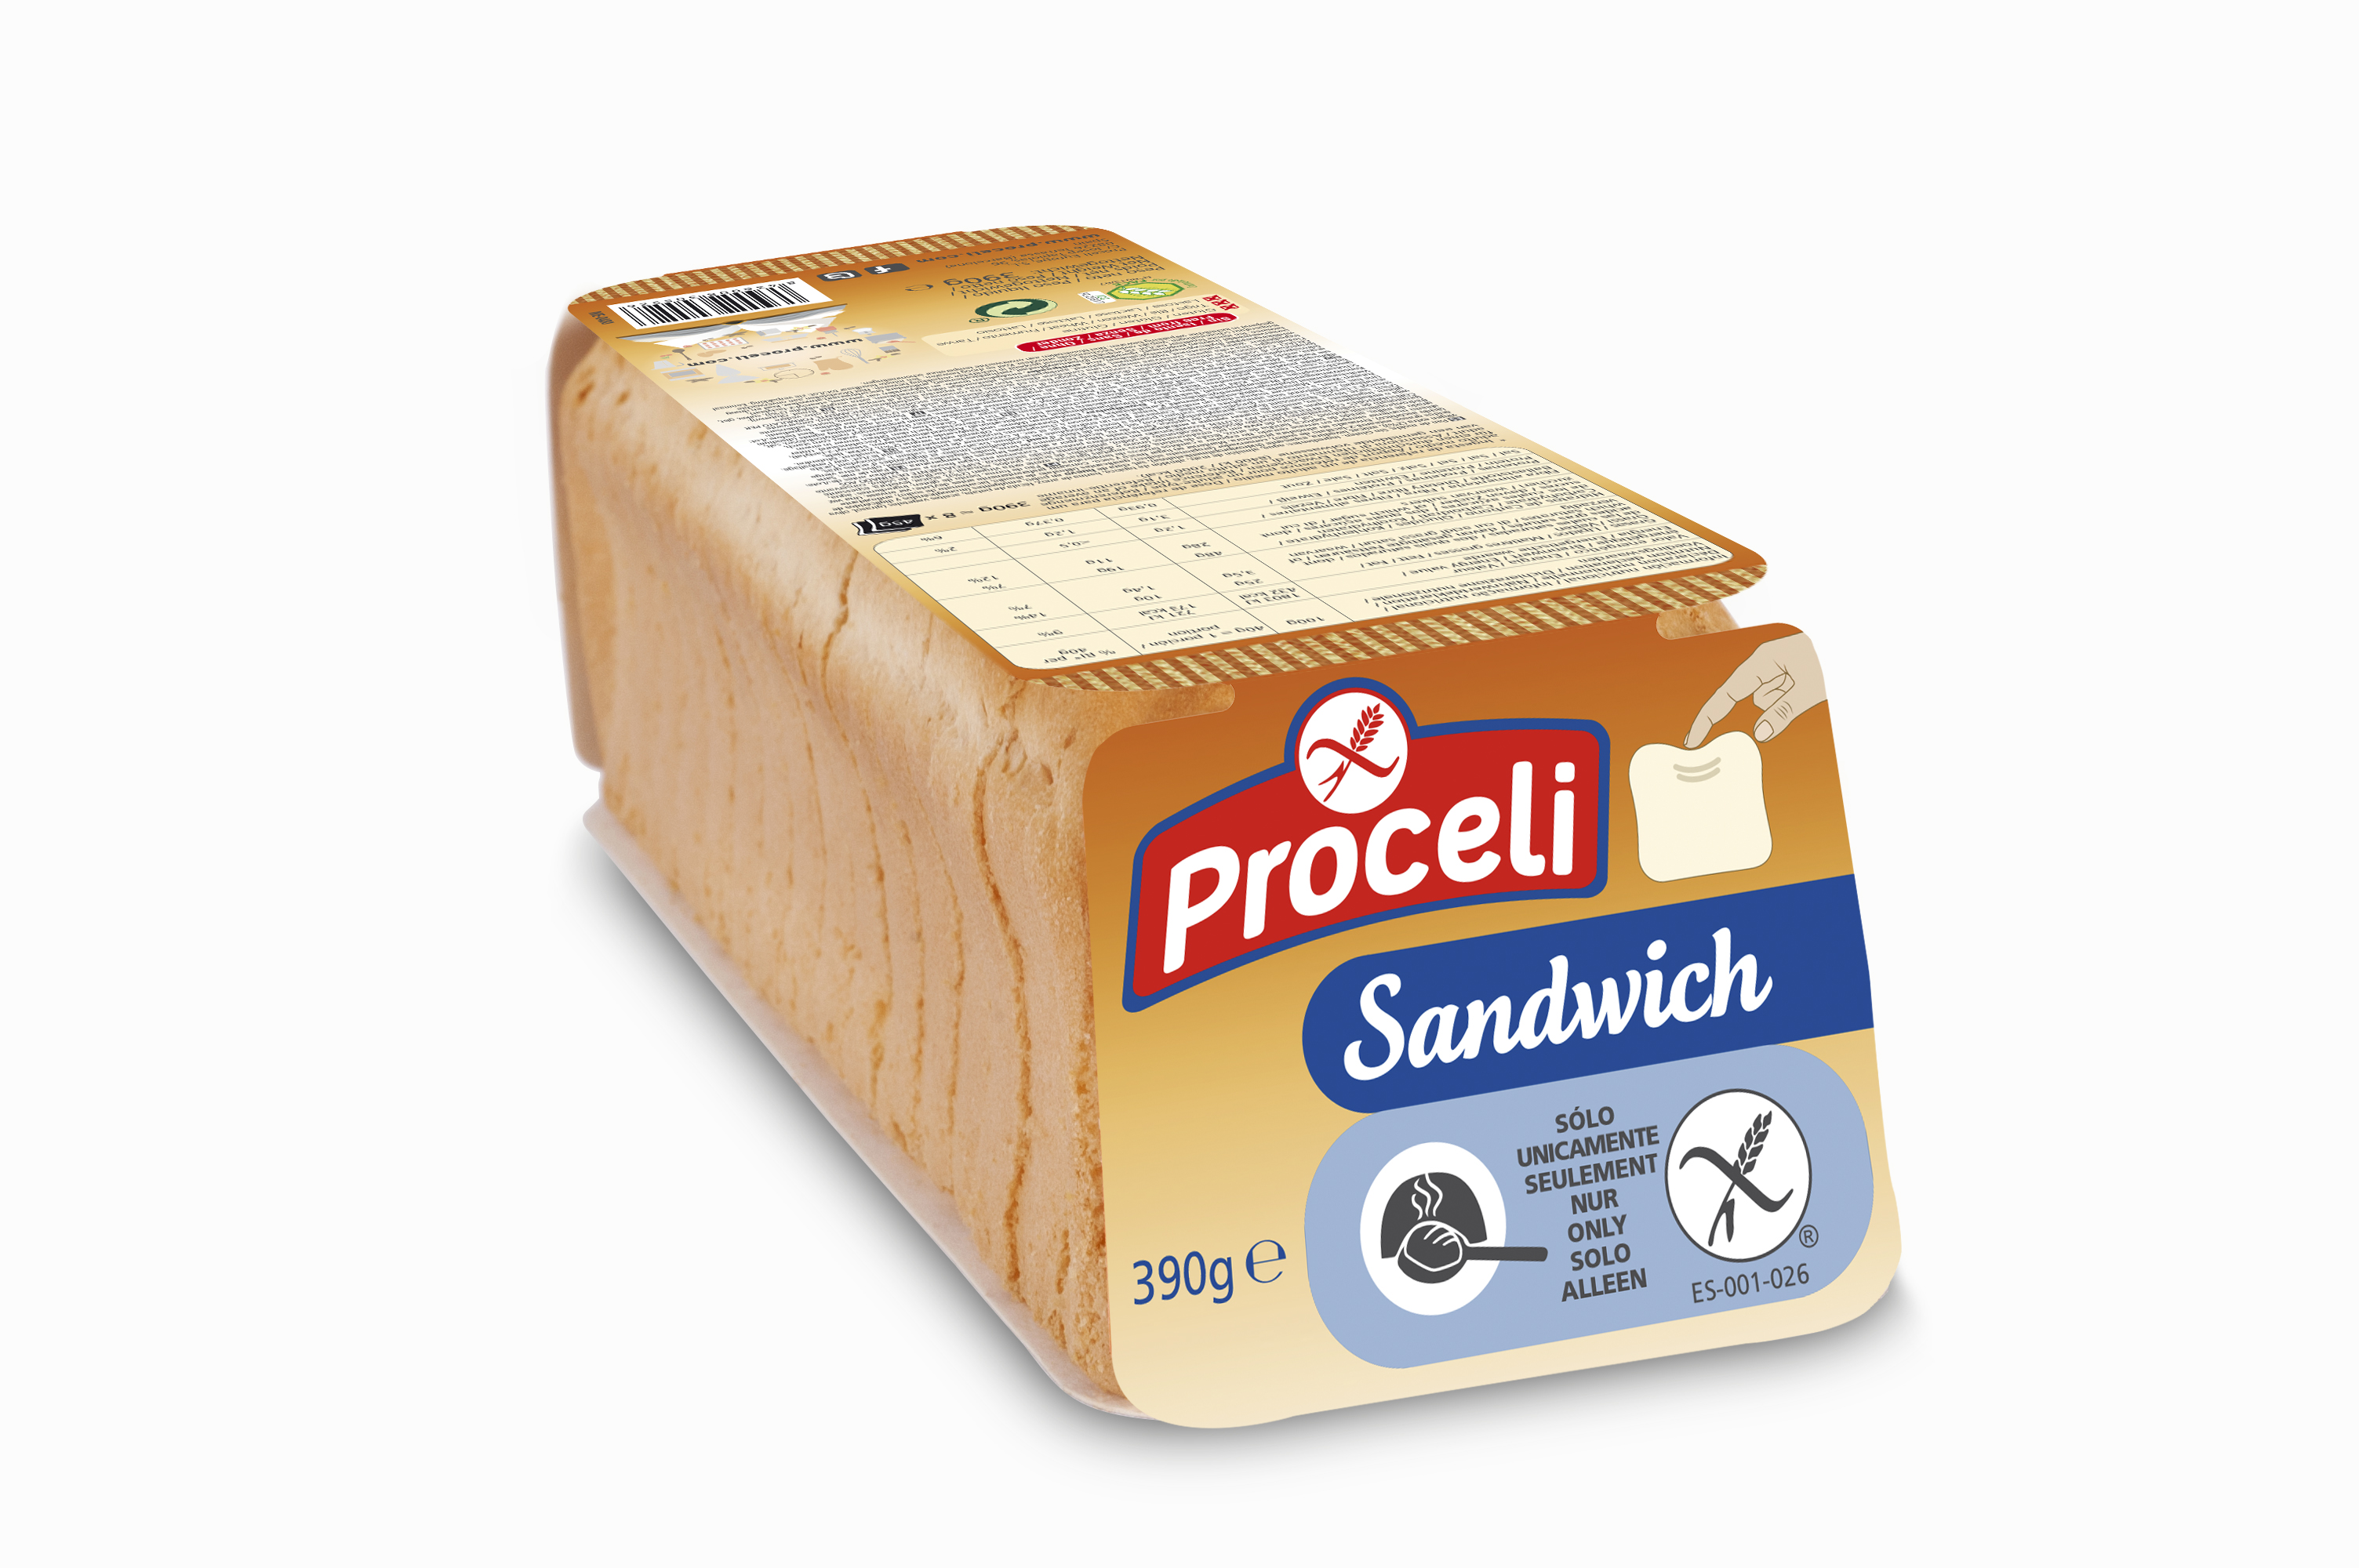 Sandwich Gluten-free from Proceli